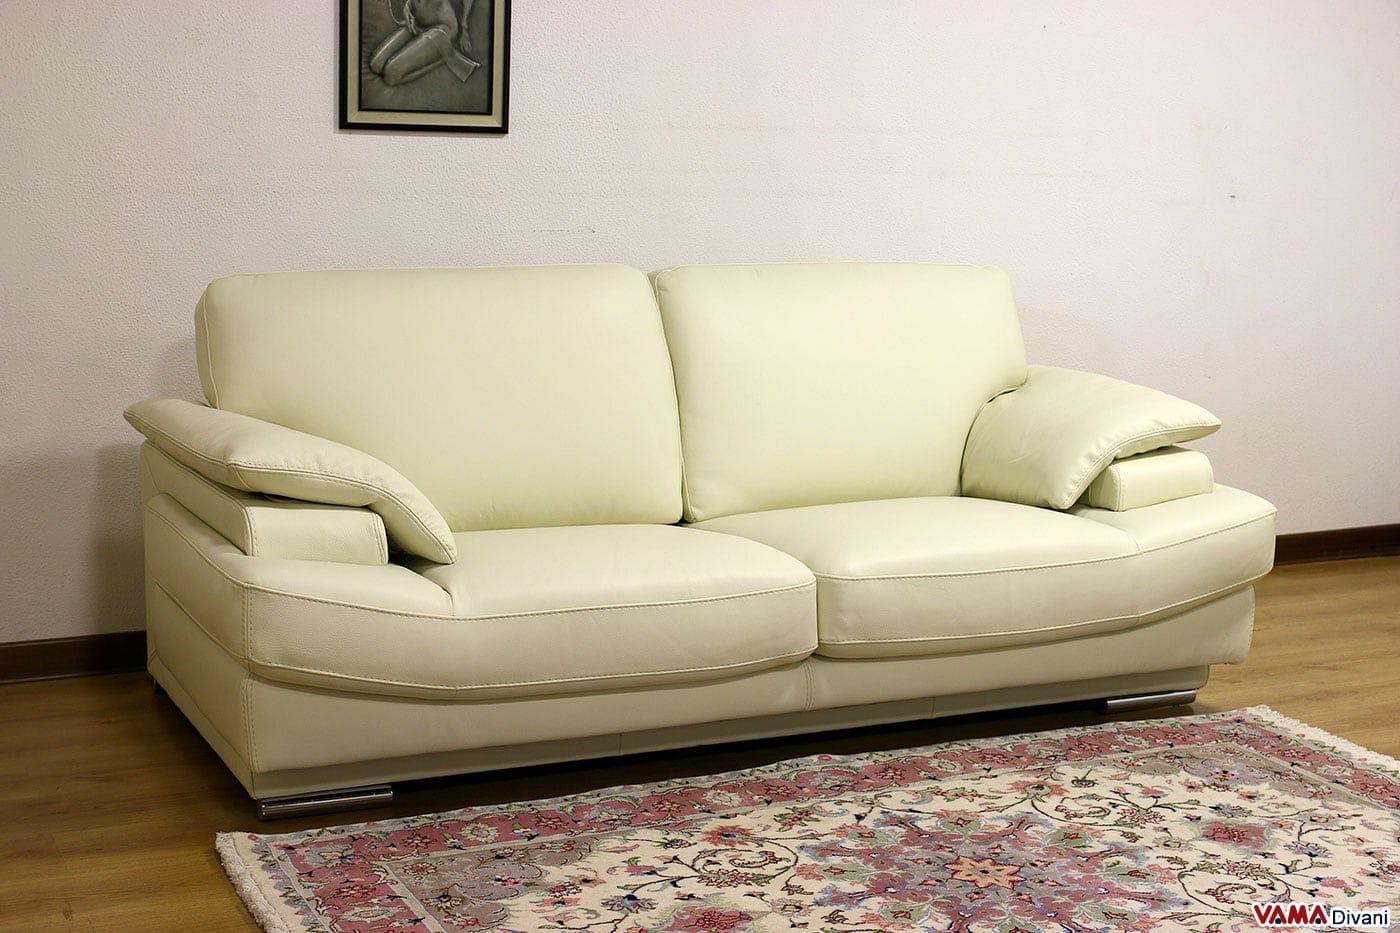 Divano particolare montgomery vama divani - Pelle del divano rovinata ...